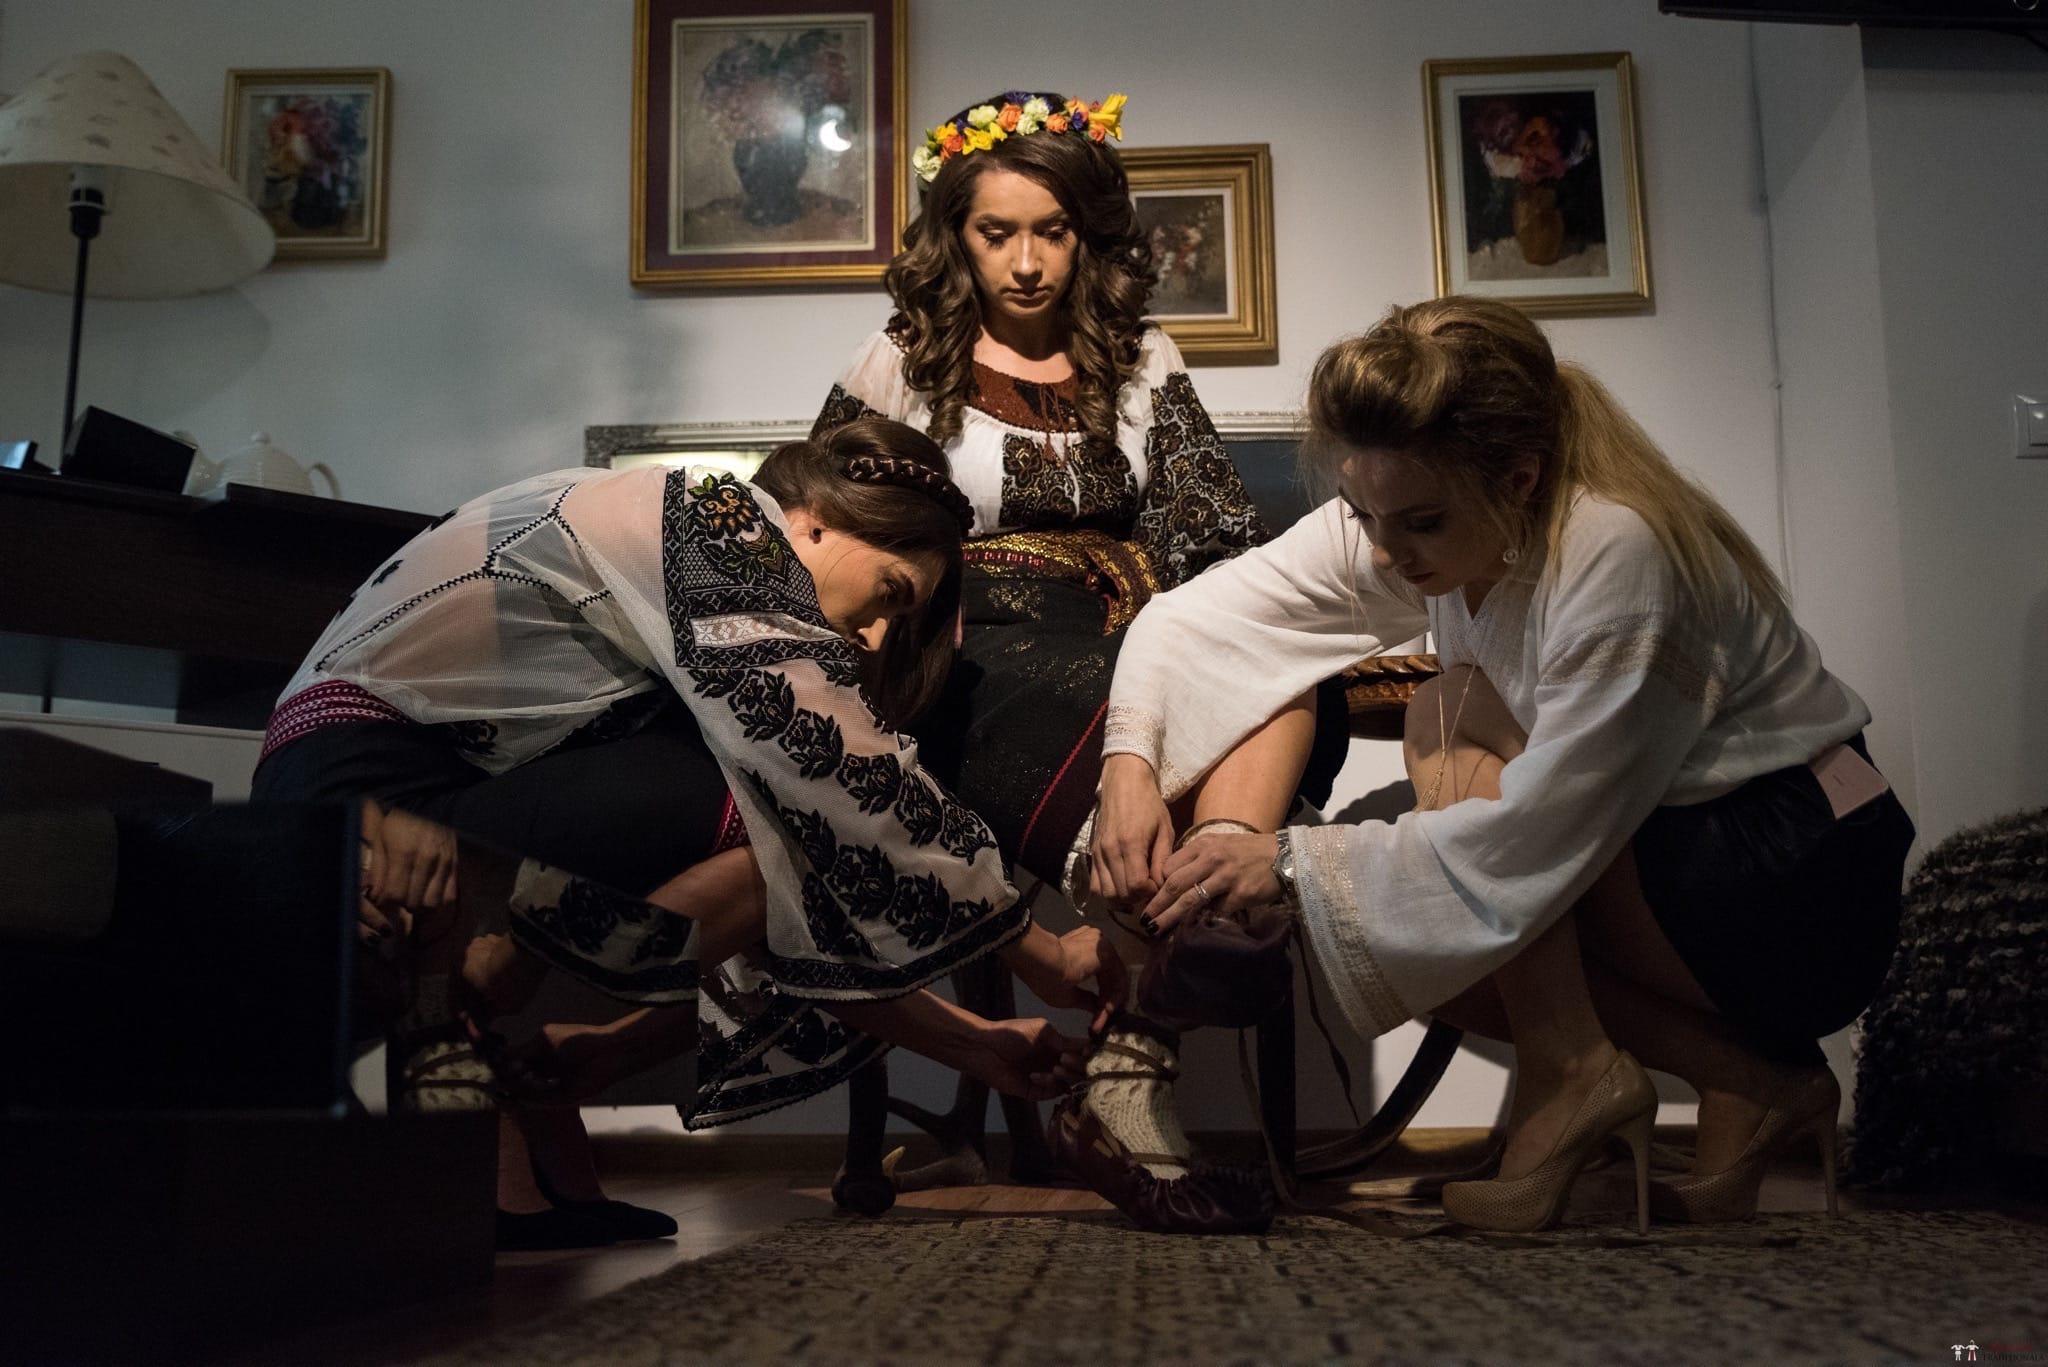 Povești Nunți Tradiționale - Irina și Alexandru, nuntă în Câmpulung Moldovenesc, Suceava 11